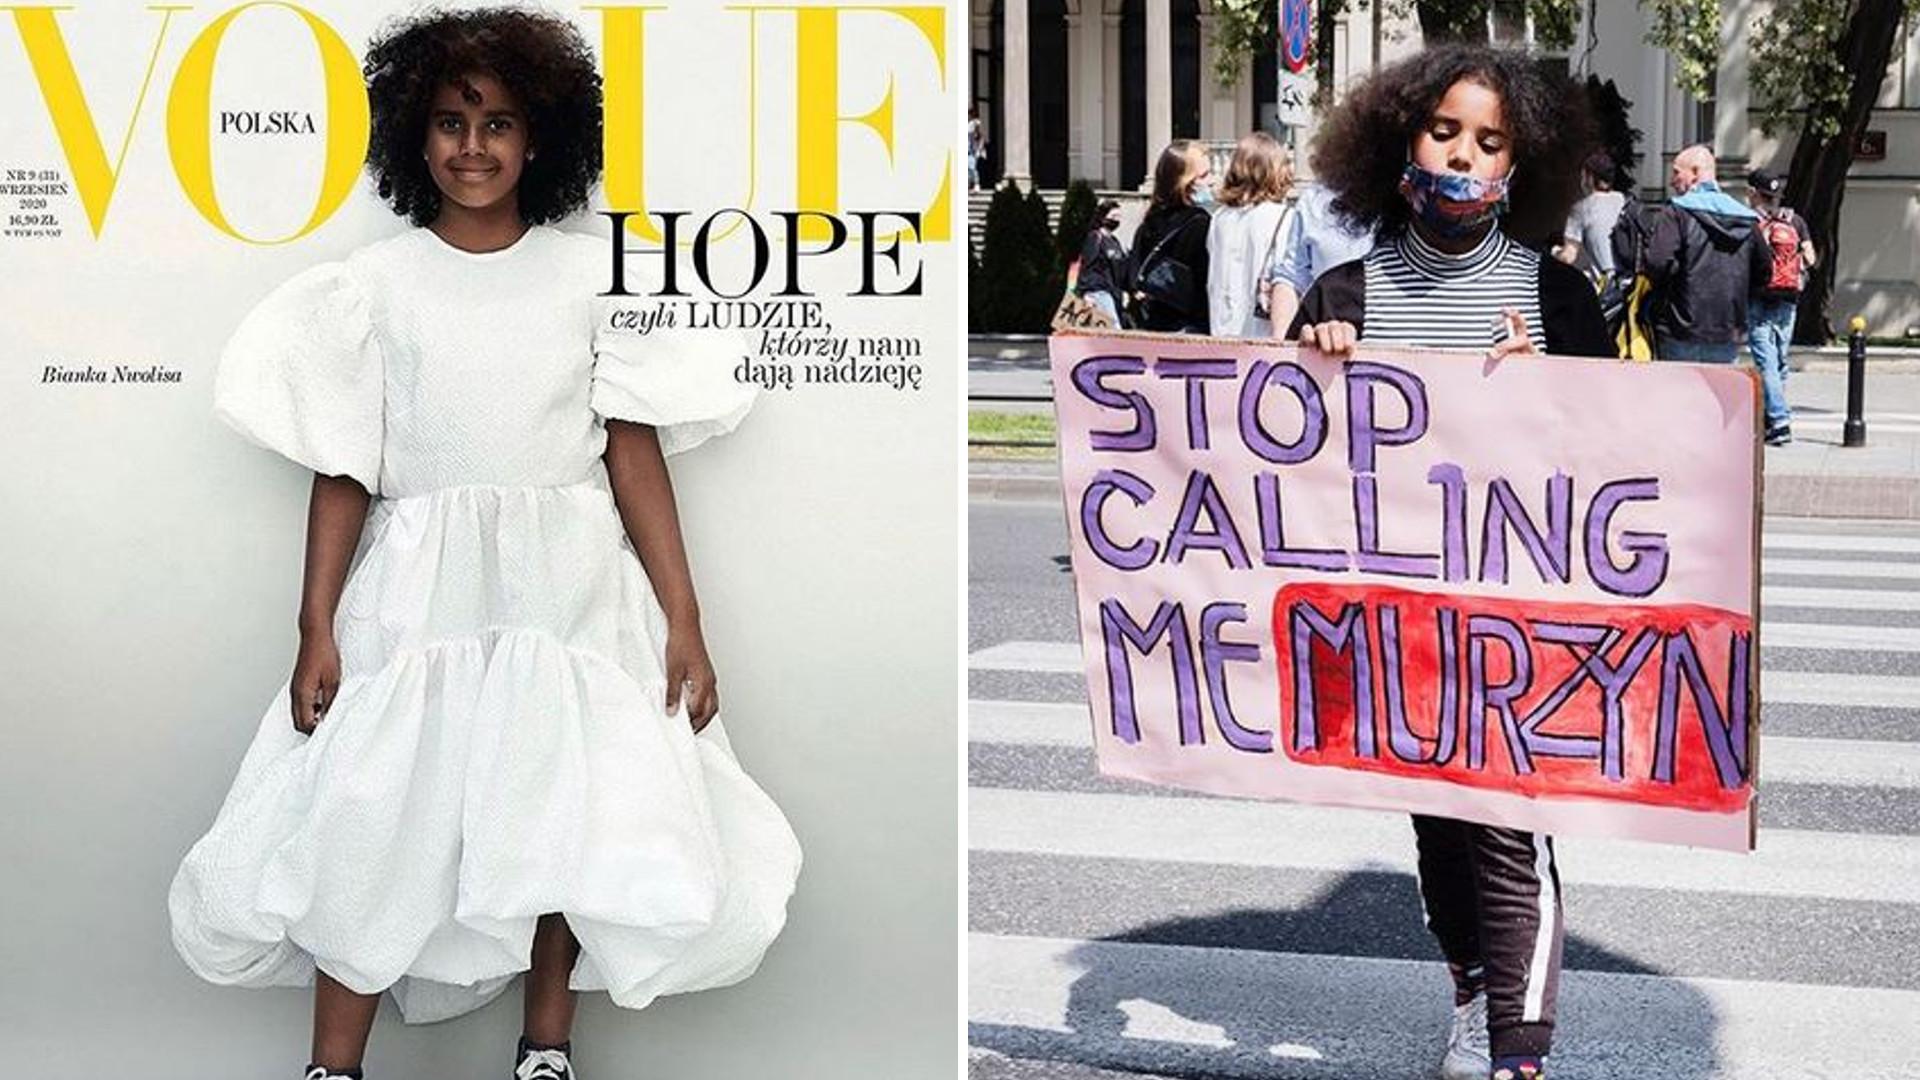 Bianka Nwolisa, 10-letnia aktywistka na okładce polskiego Vogue'a – dziewczynka, która zmienia świat